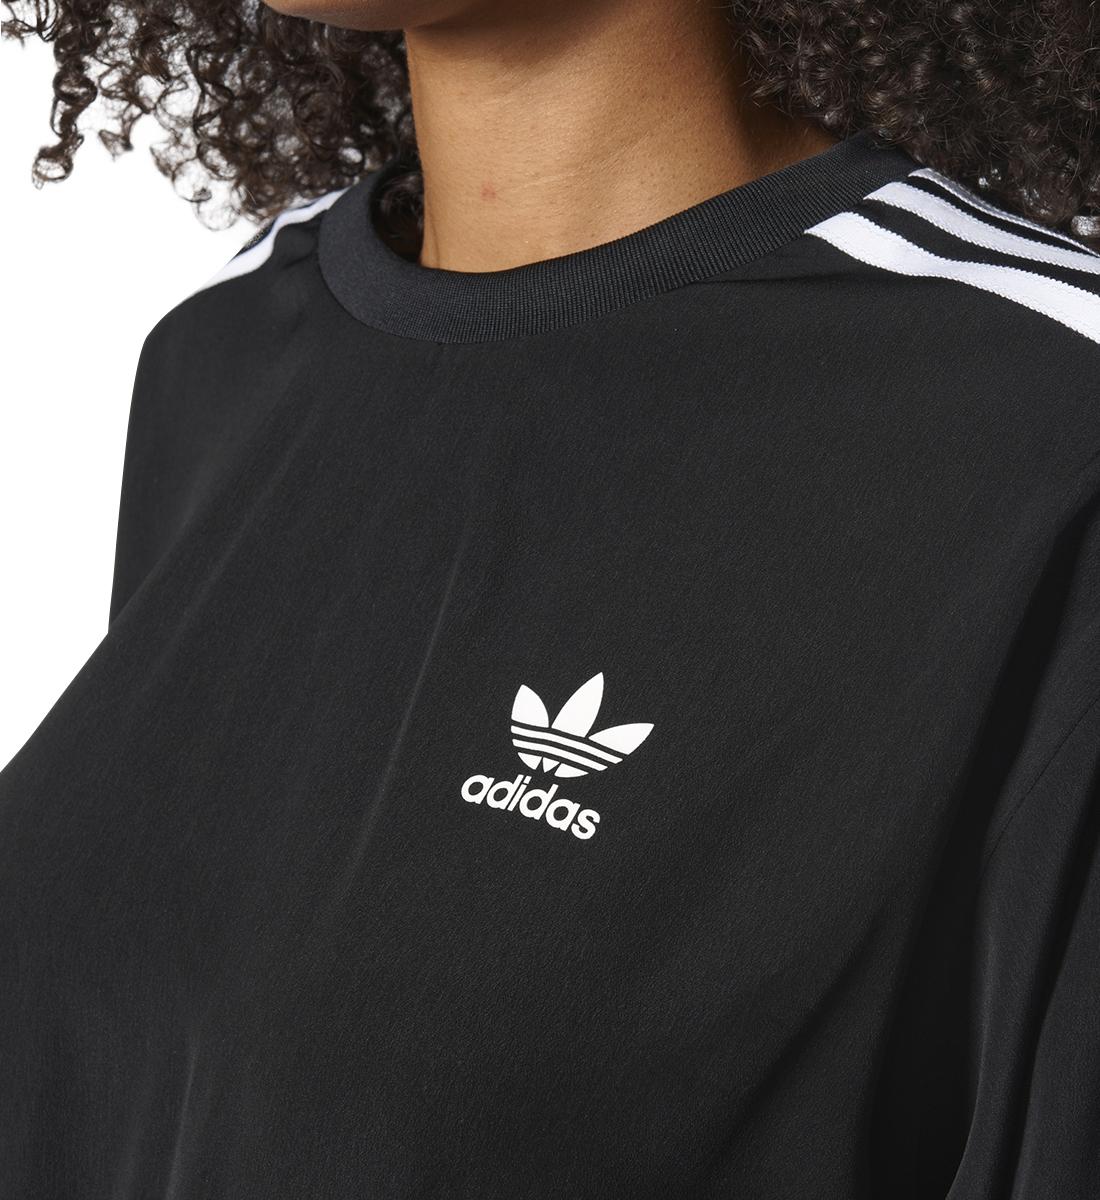 Sweat Adidas femme taille S Mode femme | Rakuten